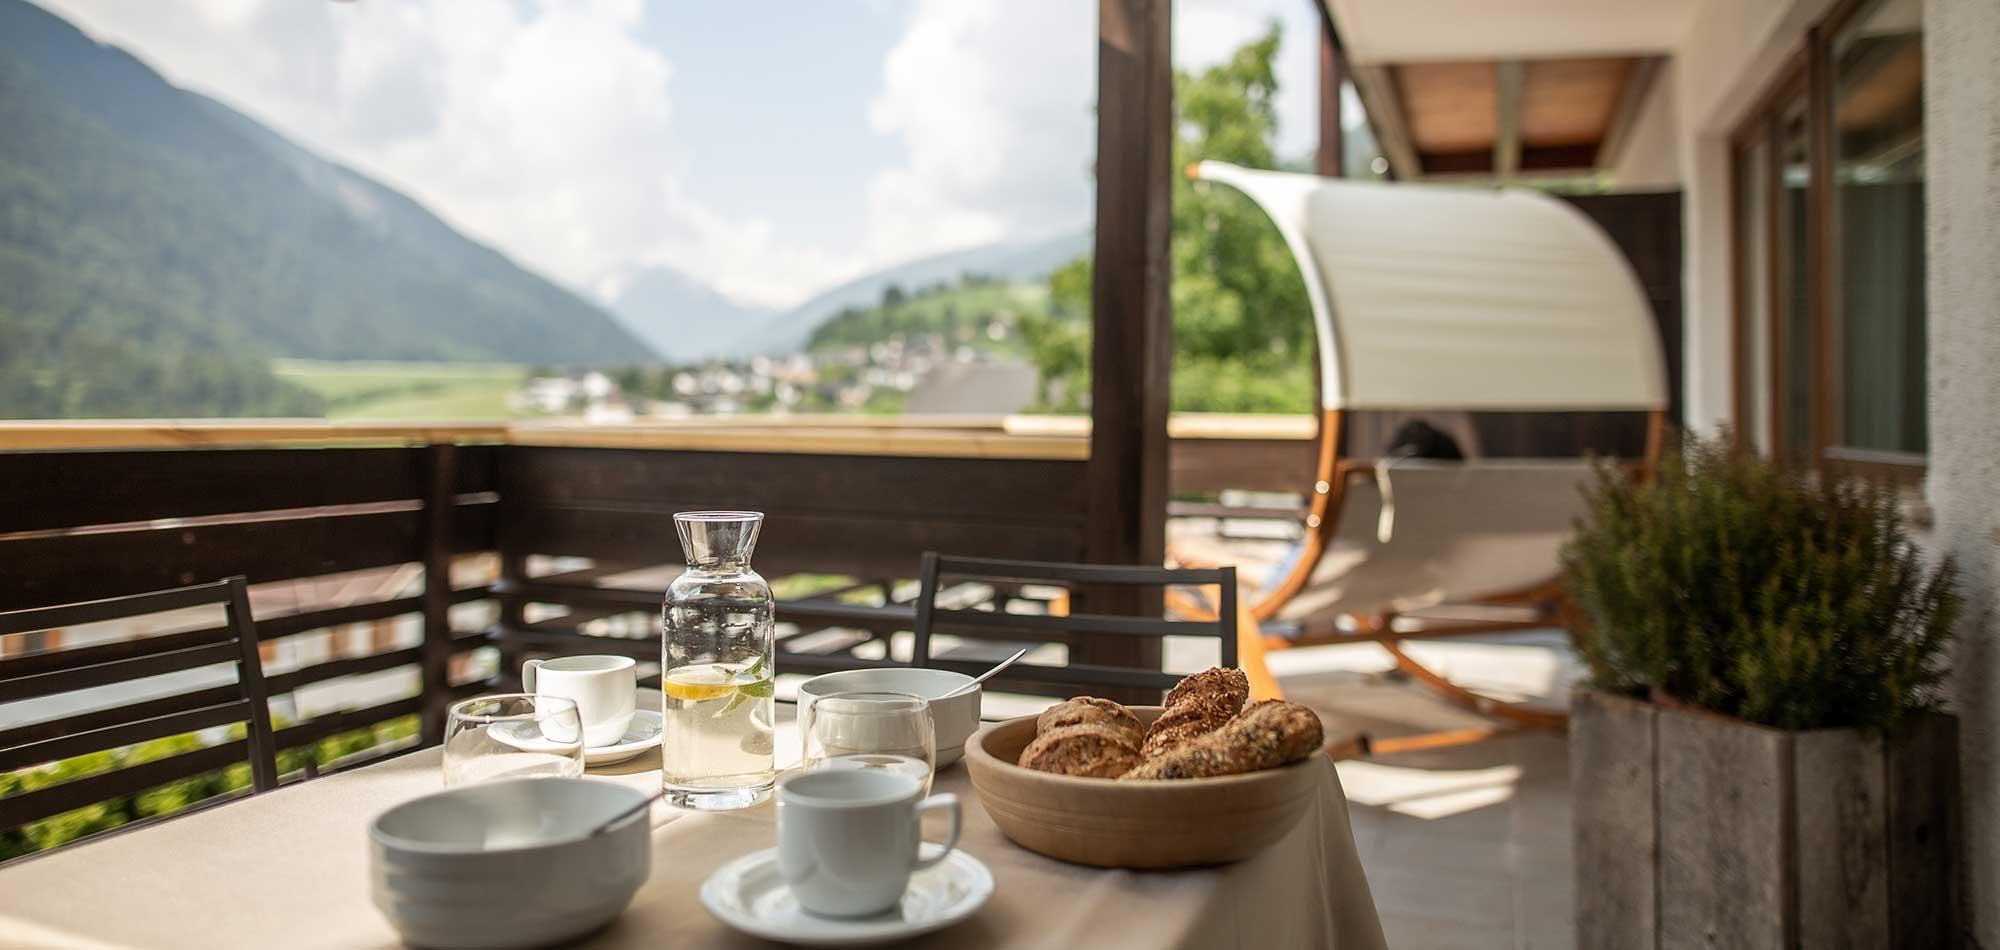 Apartemento terrazzo colazione